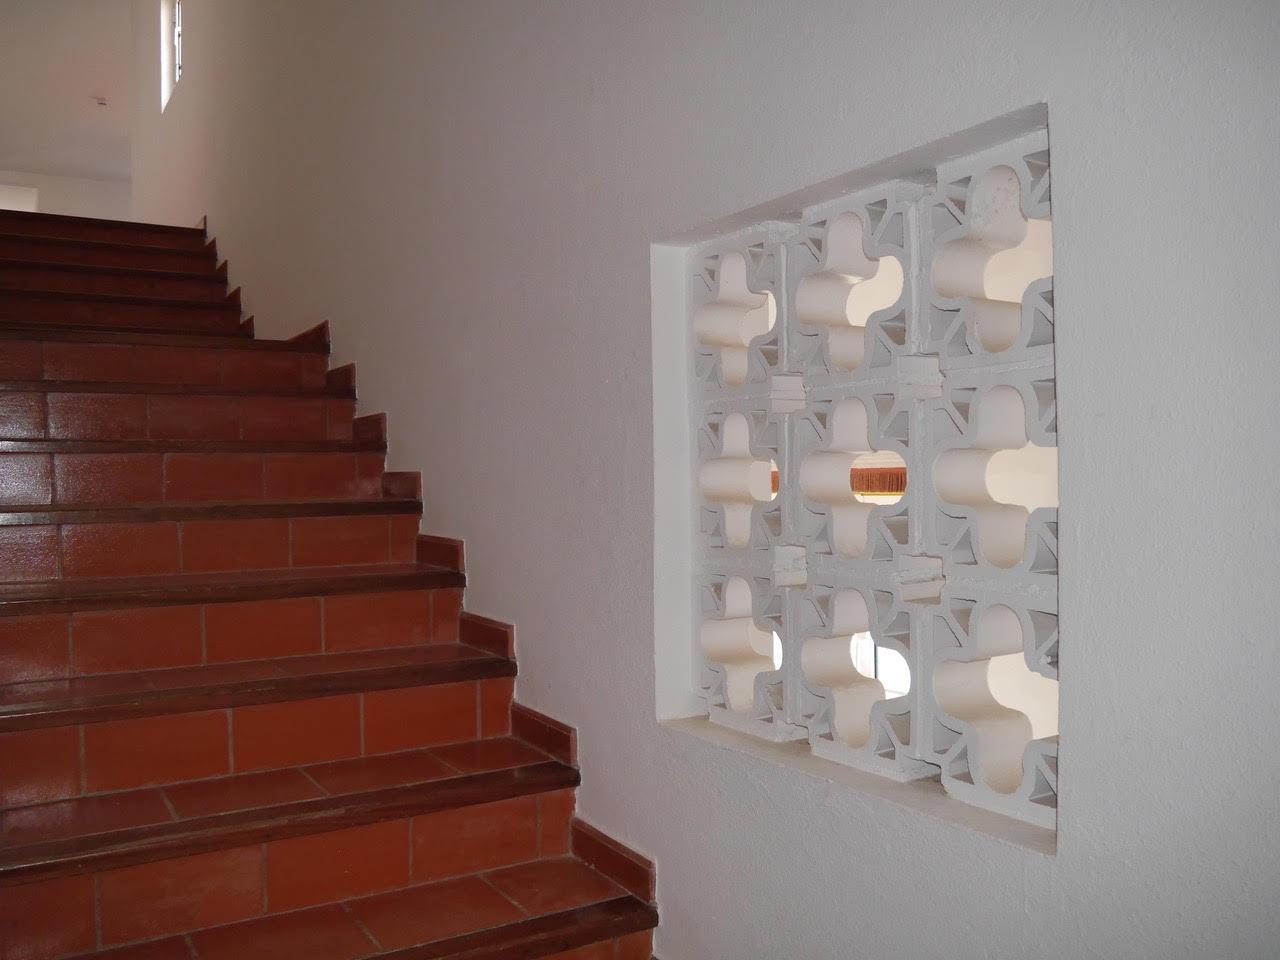 trappe-til-level3